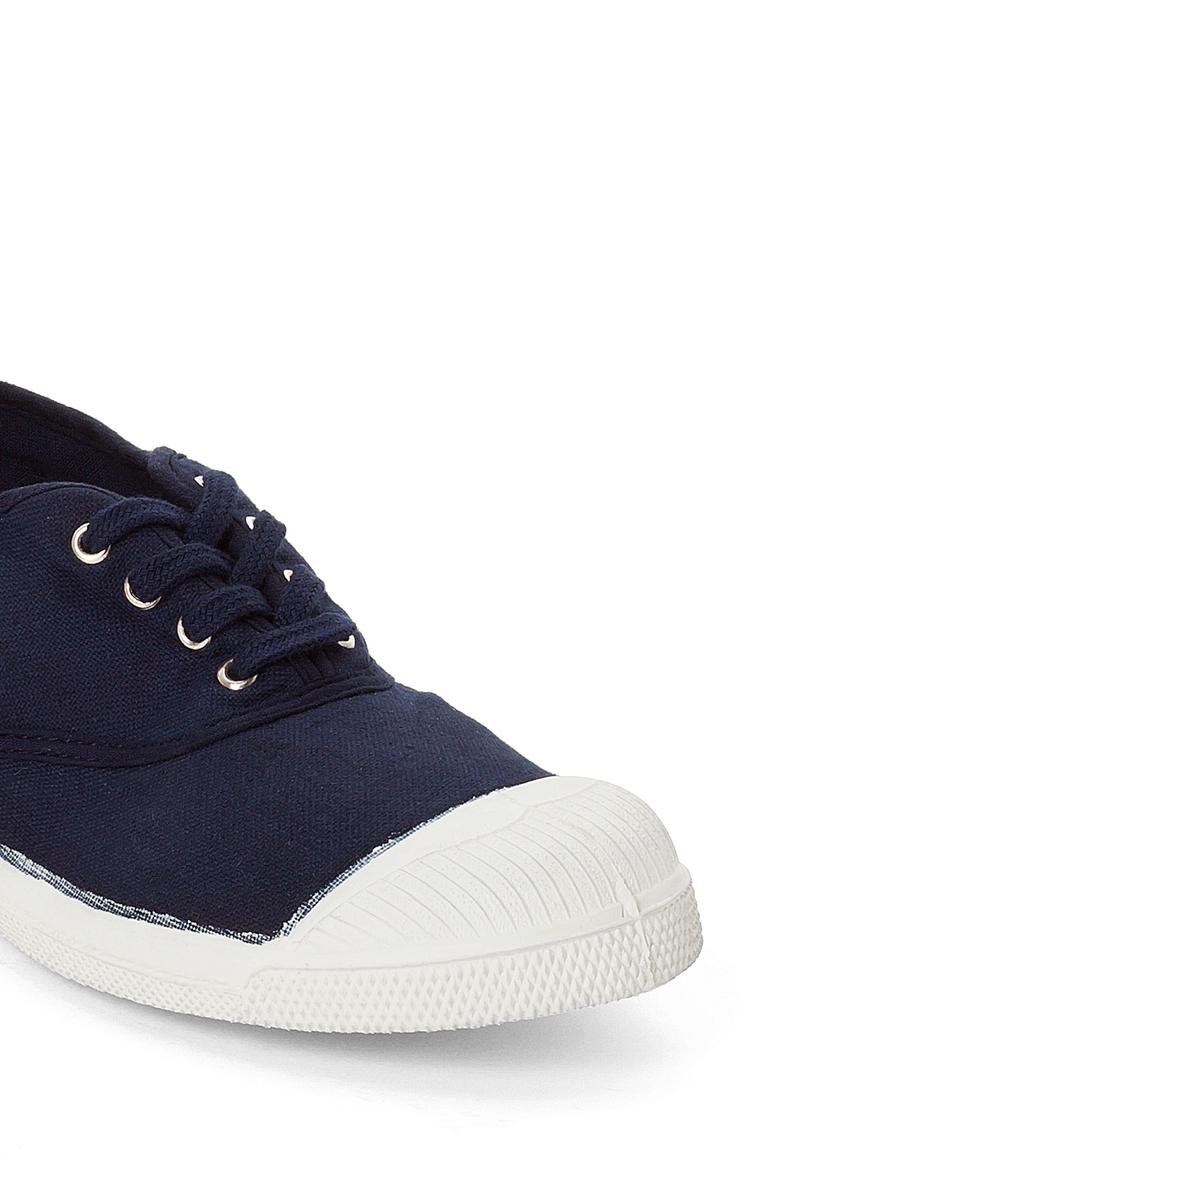 Кеды базового гардероба на шнуровкеДетали   •  Спортивный стиль •  Плоский каблук •  Застежка : шнуровкаСостав и уход   •  Верх 100% текстиль •  Подкладка 100% текстиль •  Подошва 100% каучук<br><br>Цвет: темно-синий<br>Размер: 38